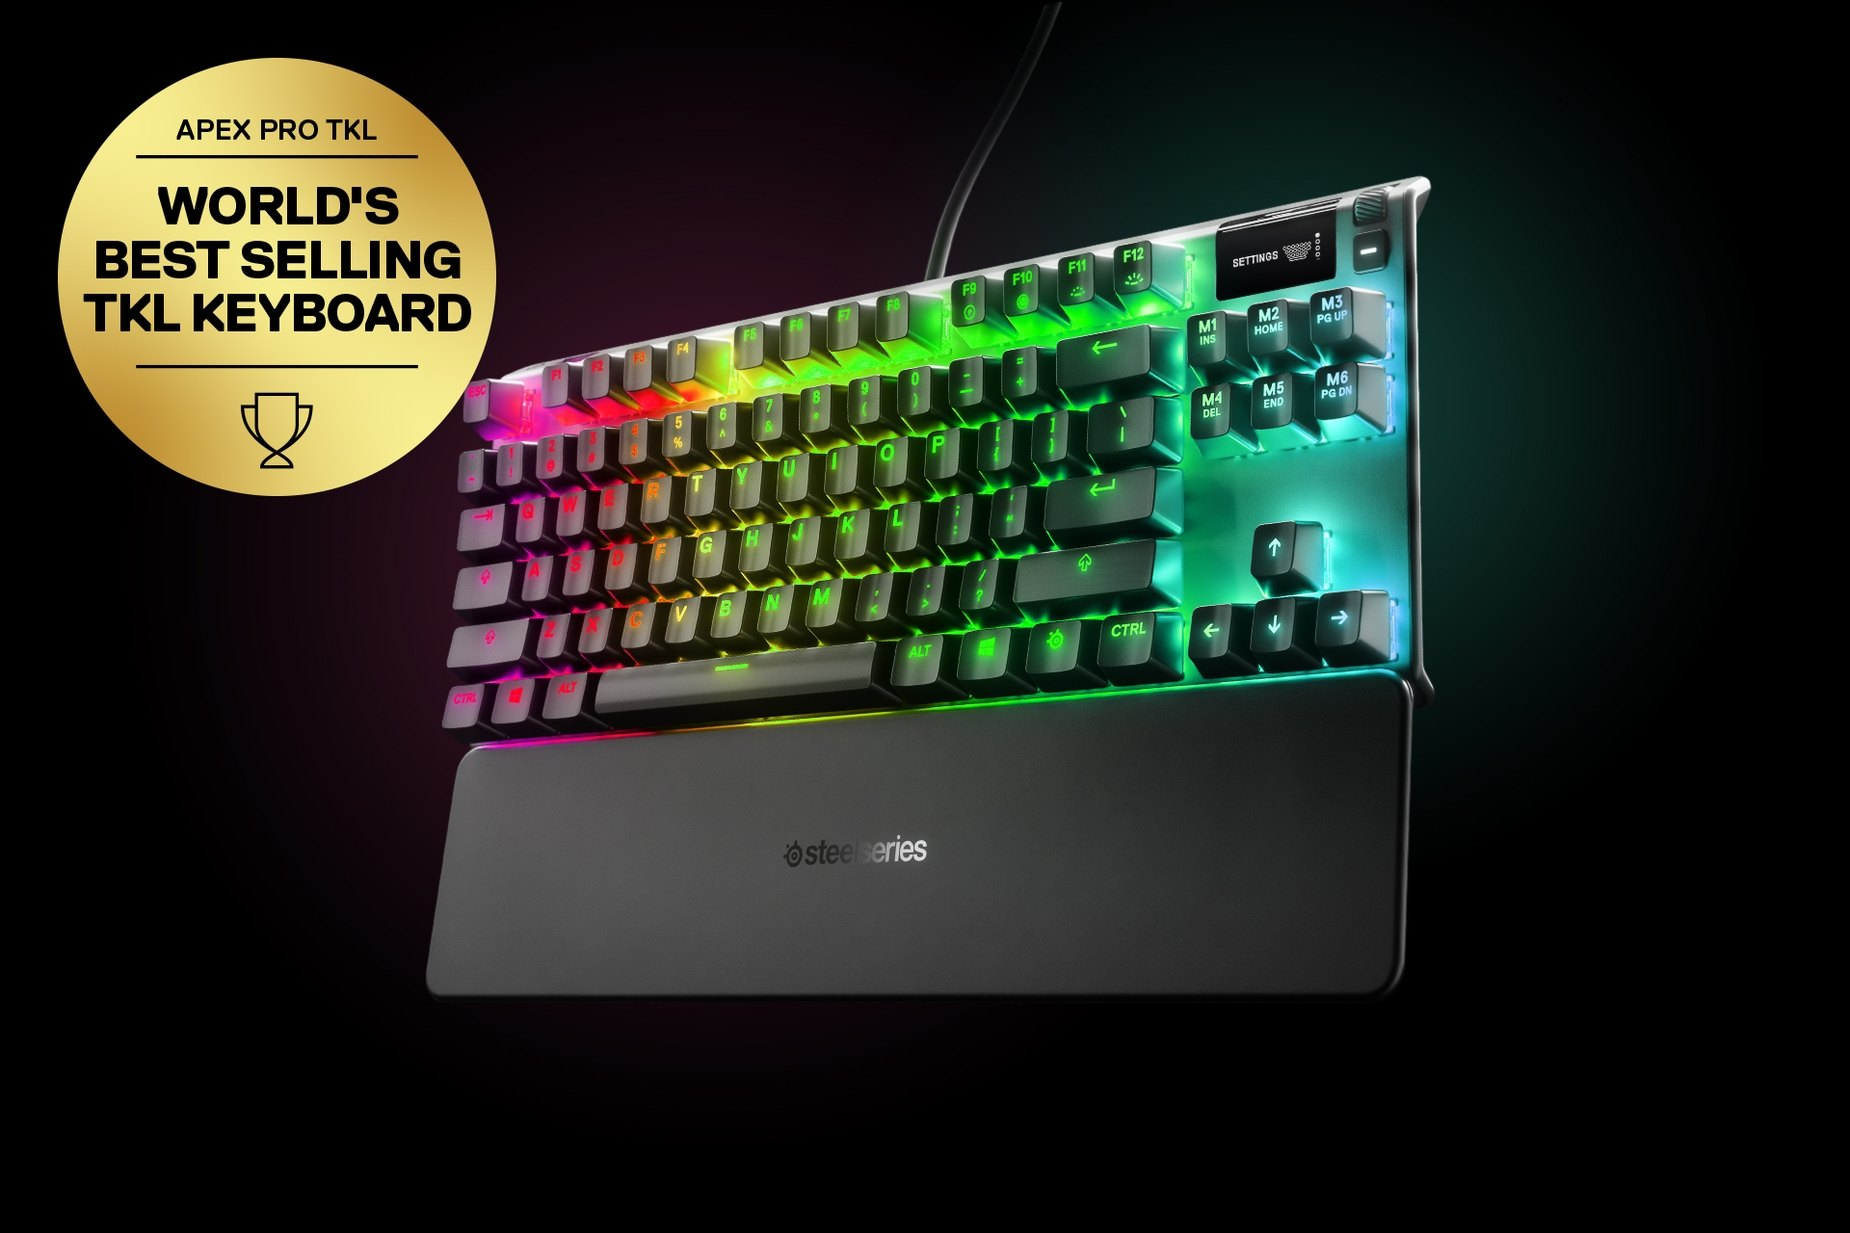 德文-Apex PRO TKL在黑暗中發光的背光遊戲鍵盤,也顯示 OLED 螢幕並用來變更設定,開關啟動,和調整音訊的控制鍵。鍵盤旁邊漂浮著金色獎盃,並具有文字「全球最暢銷 TKL 鍵盤」。